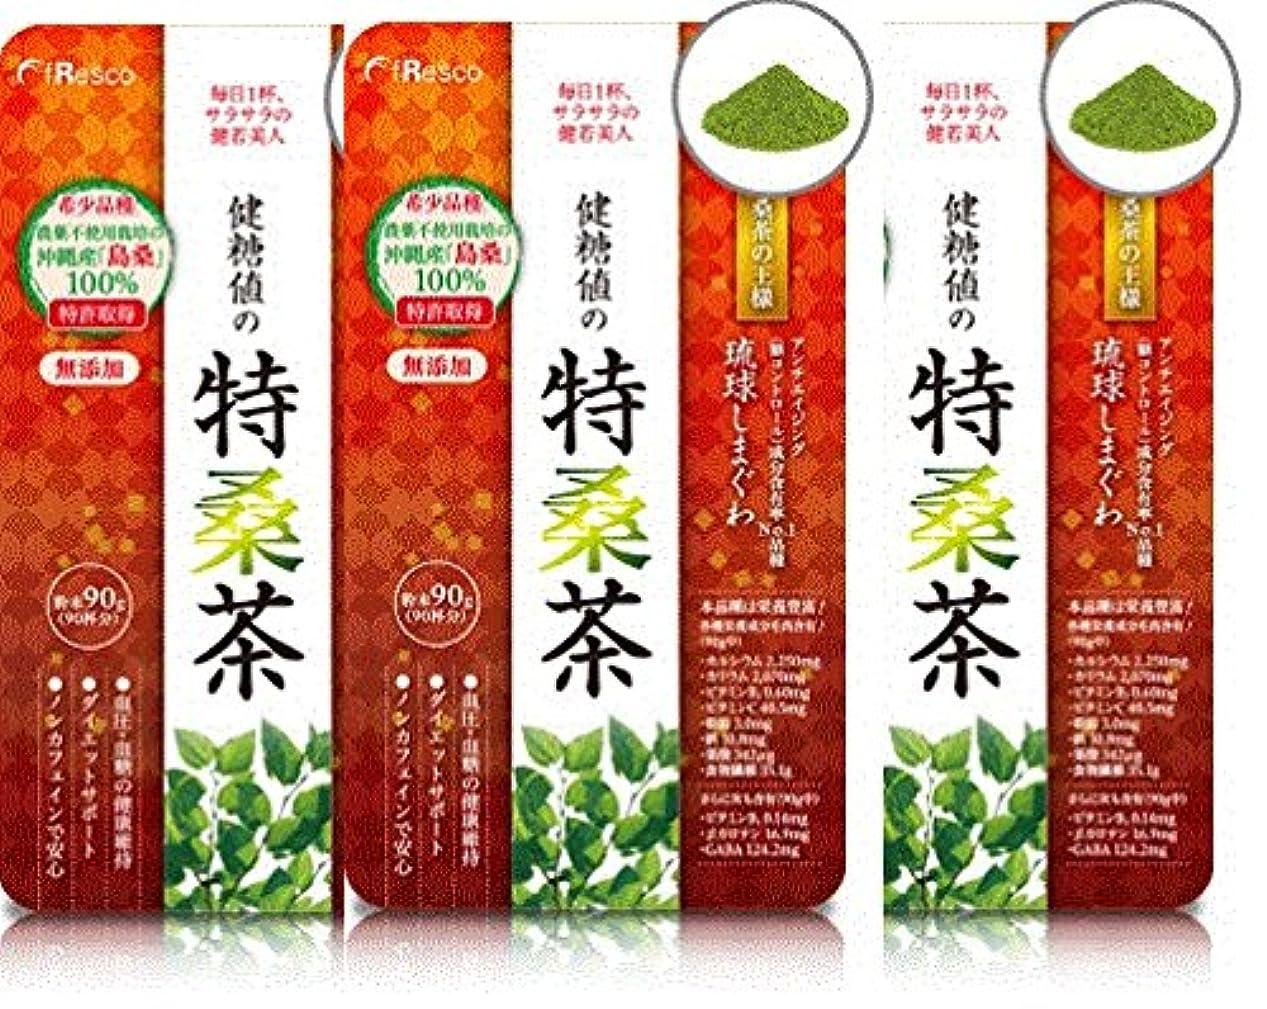 羊ネブ傾向がある琉球しまぐわ 健糖値の特桑茶 270g(90g × 3袋) 【5% OFF】【送料無料】